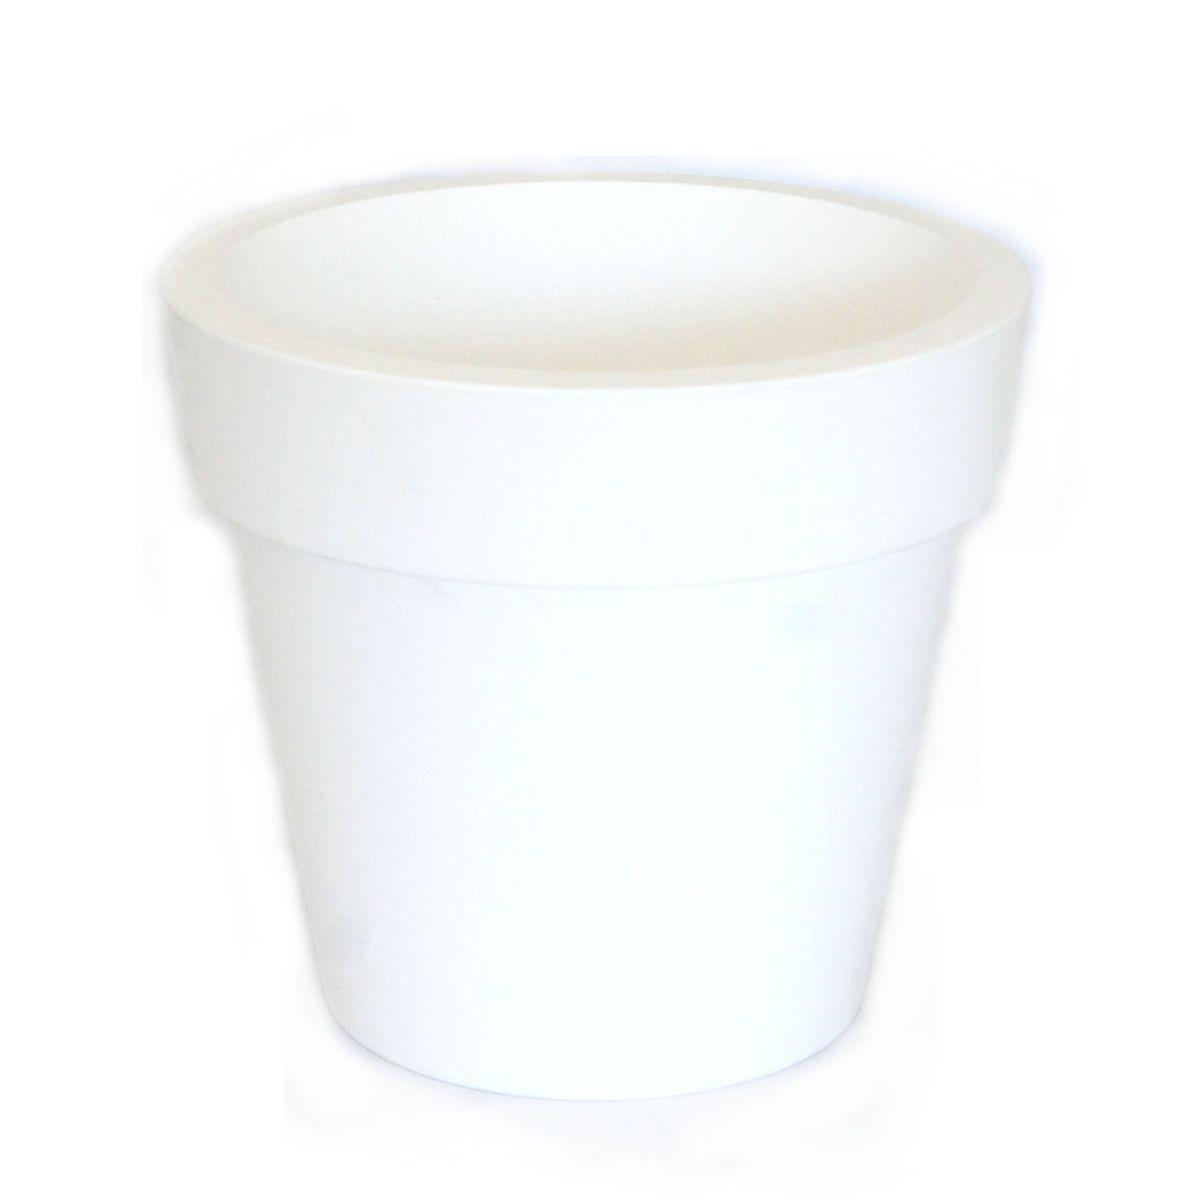 Кашпо JetPlast Порто, со вставкой, цвет: белый, 2,4 л531-125Кашпо Порто классической формы с внутренней вставкой-горшком. Дренажная вставка позволяет легко поливать растения без использования дополнительного поддона. Вместительный объем кашпо позволяет высаживать самые разнообразные растения, а съемная вставка избавит вас от грязи и подчеркнет красоту цветка. Оно изготовлено из прочного полипропилена (пластика). Такое кашпо порадует вас функциональностью, а благодаря лаконичному дизайну впишется в любой интерьер помещения. Объем кашпо: 2,4 л.